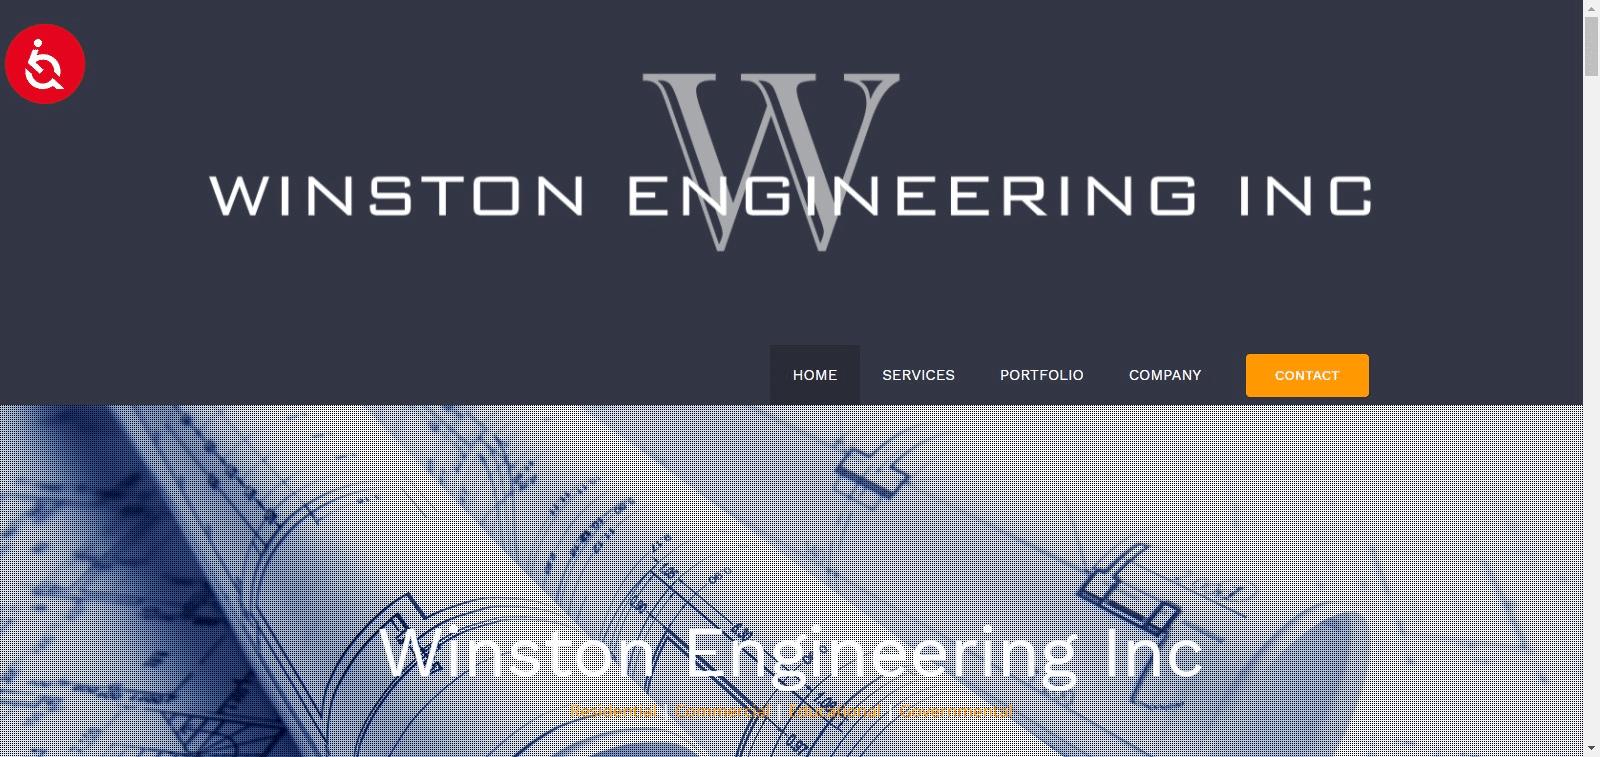 Winston Engineering